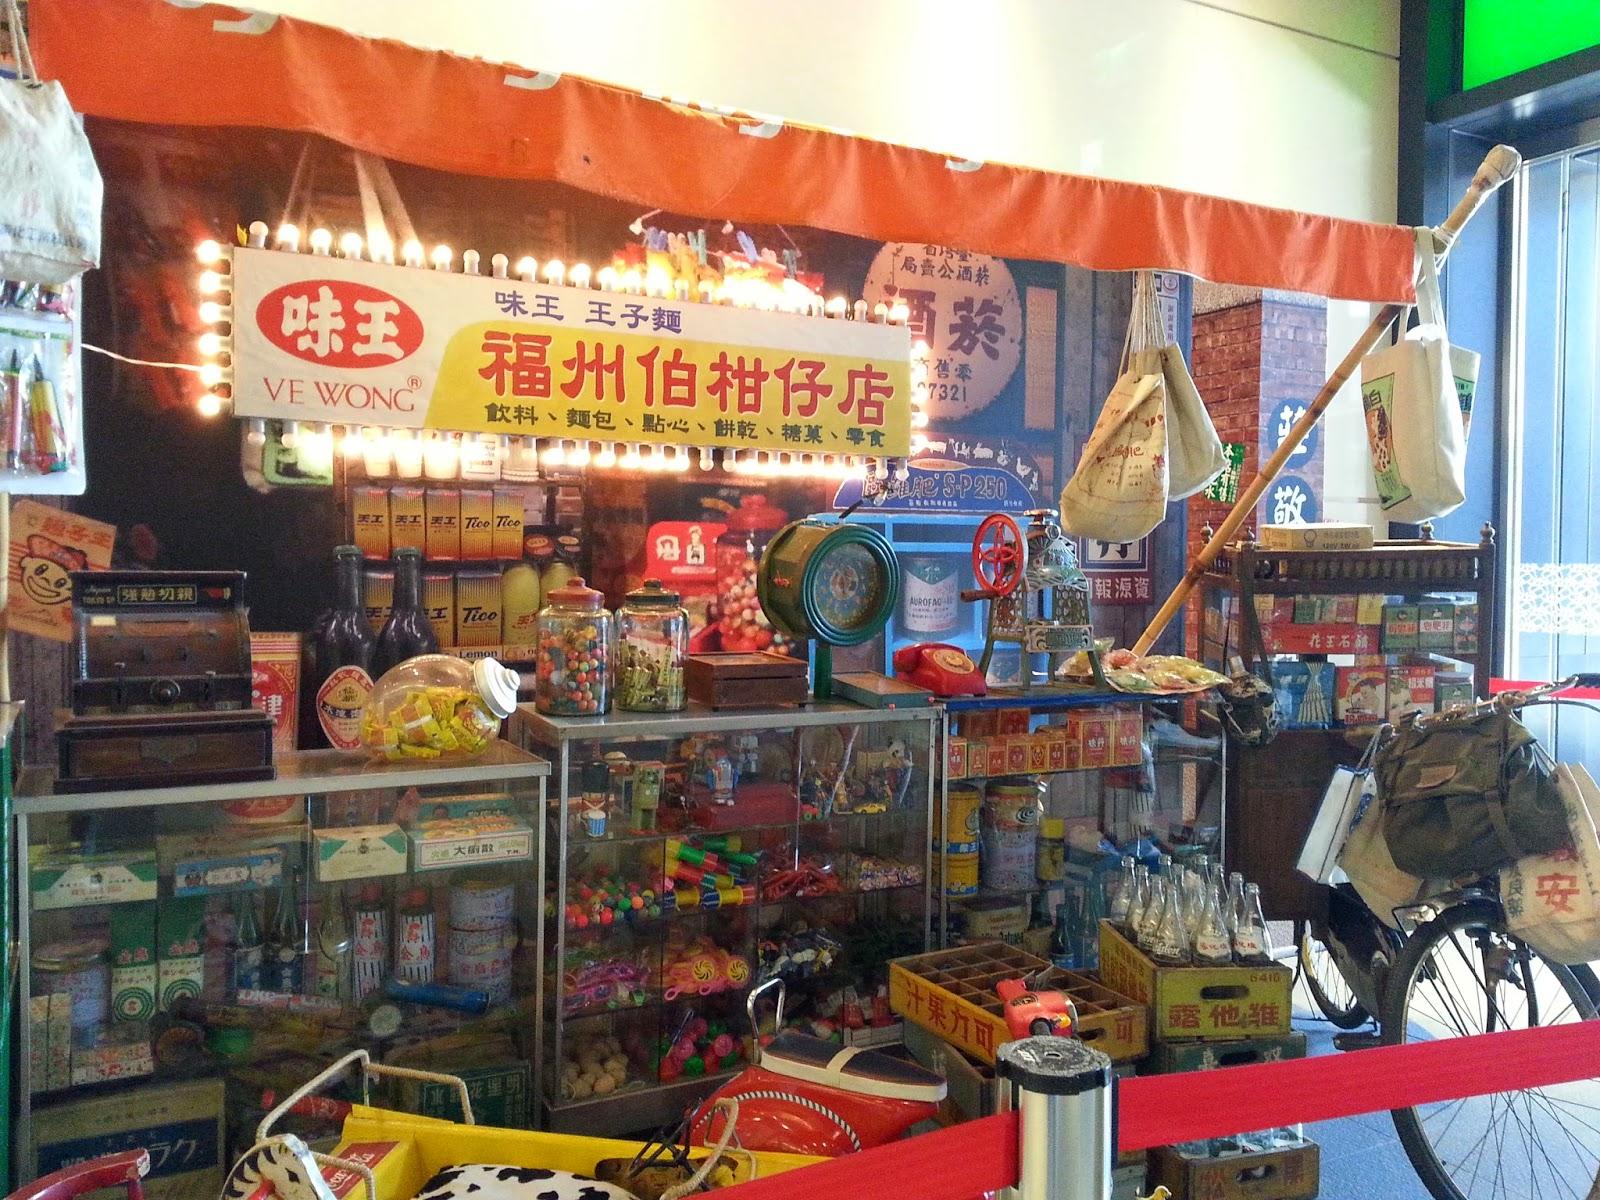 悠然薰風: 臺灣懷舊經典老玩具展